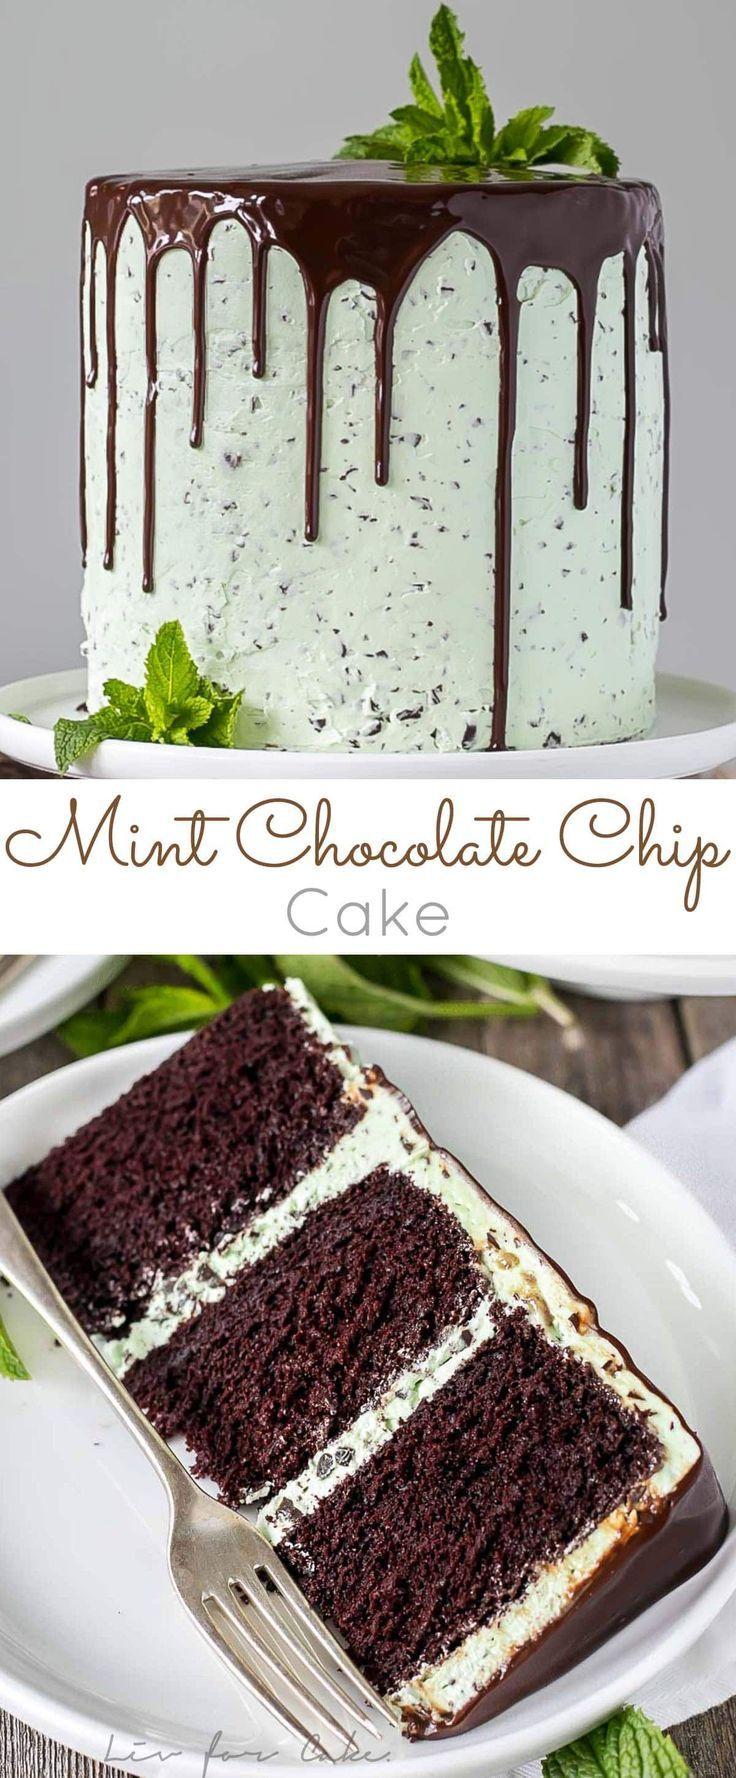 Dieser Minz-Schokoladenkuchen ist der Traum eines Pfefferminzfreundes! Dekadente Schokoladenschichten ... #celebrationcakes